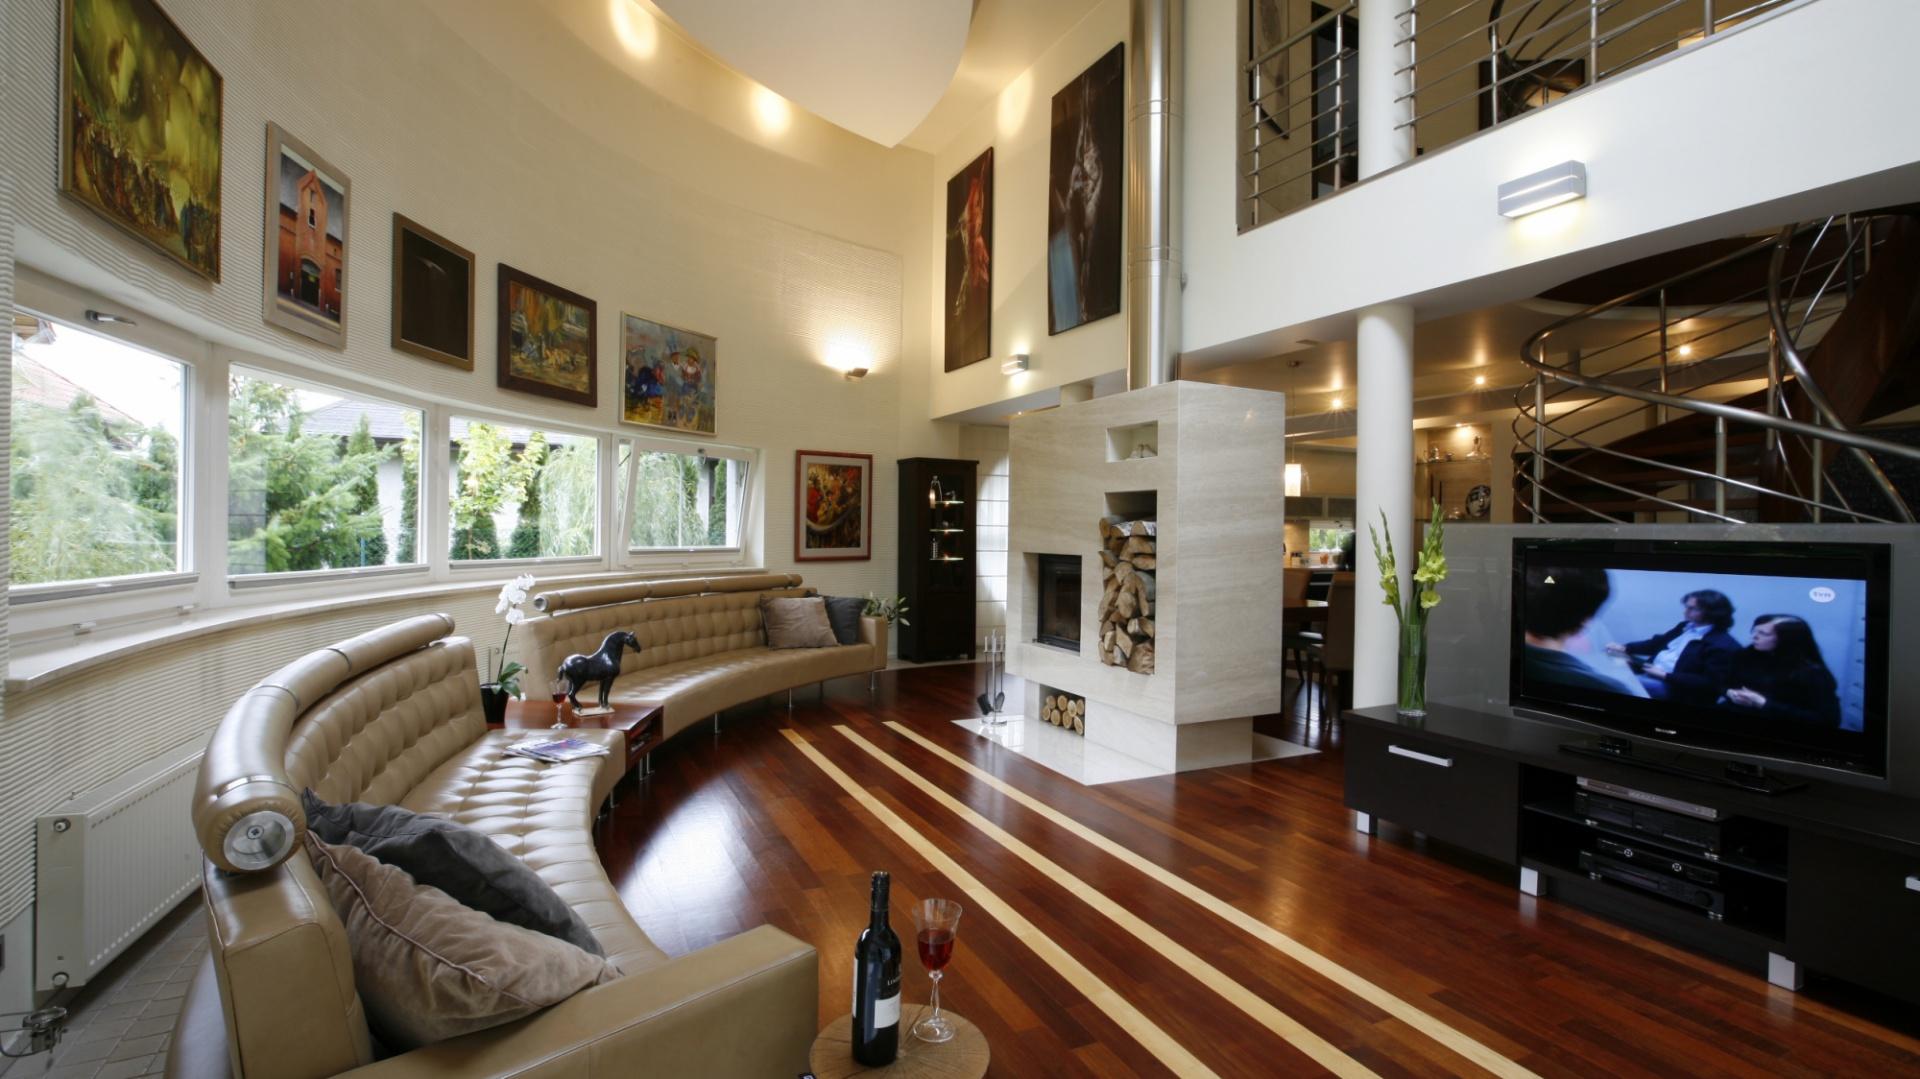 Niekonwencjonalne rozwiązanie łukowej ściany nadaje ekspresji salonowej dwukondygnacyjnej części domu, dla przeciwwagi dwustronny kominek, zaprojektowany przez łódzkich architektów, powstał na bazie czystych, prostych brył. Fot. Marcin Onufryjuk.